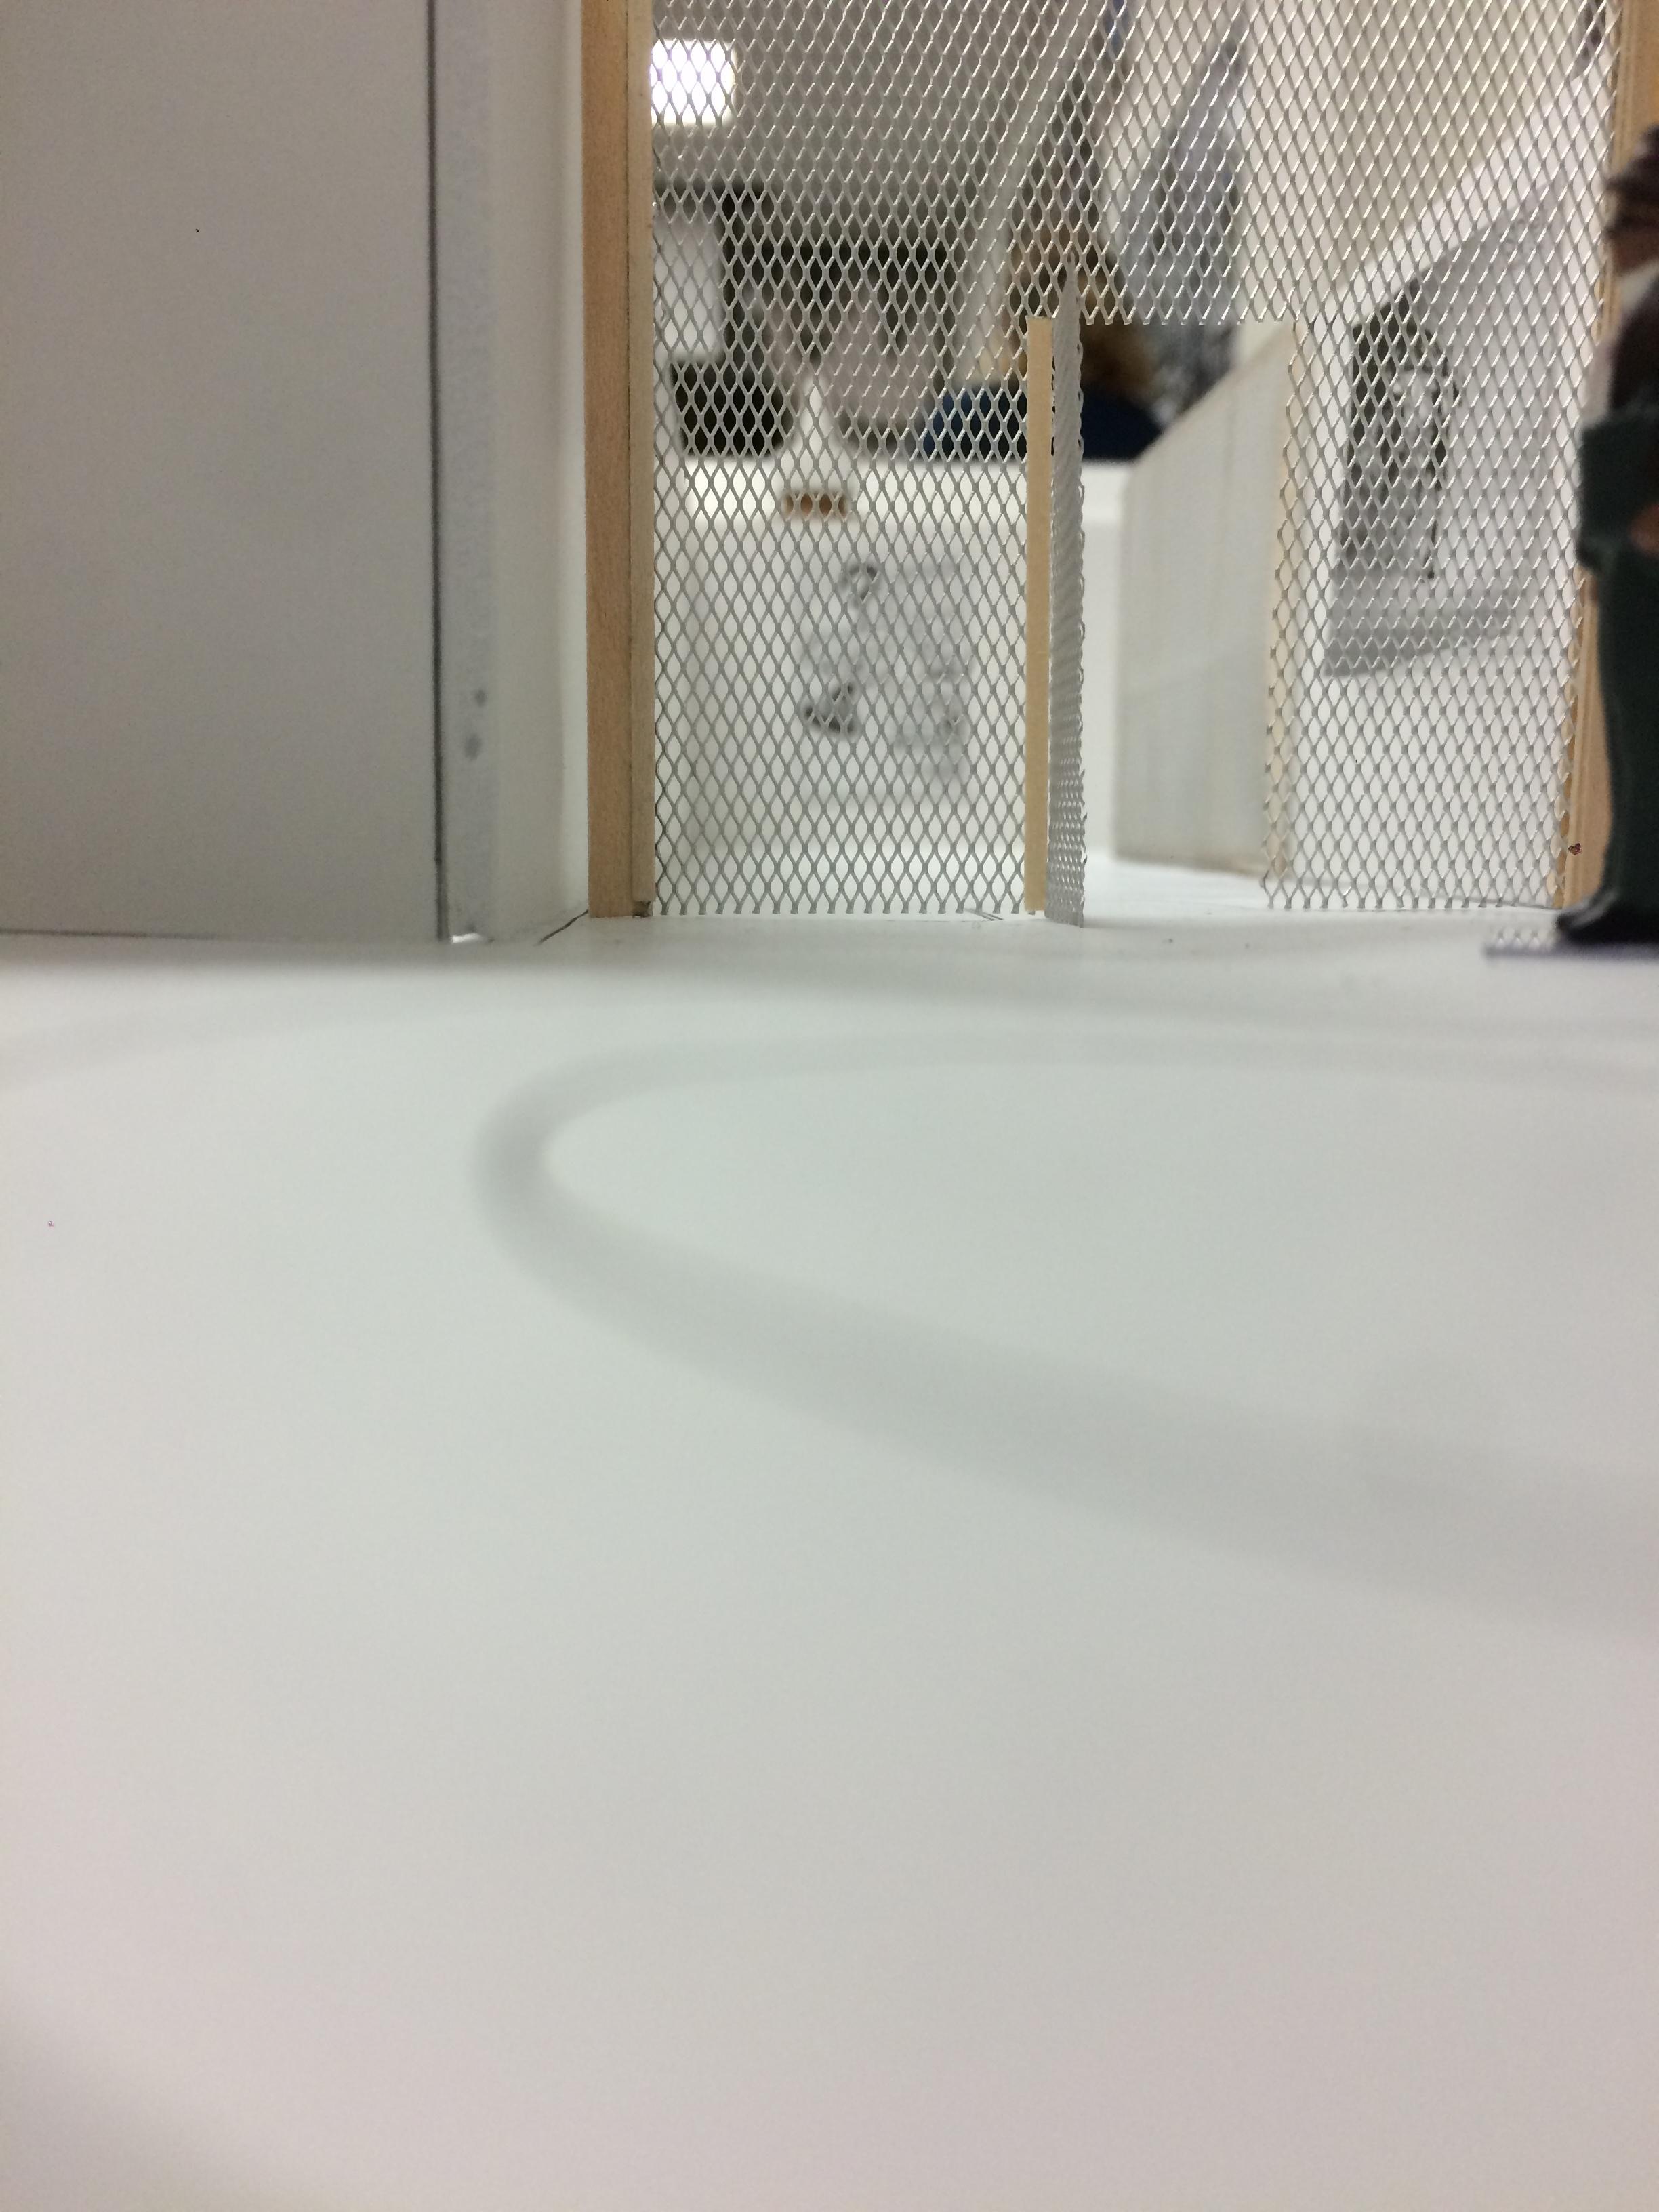 Gated off hallway